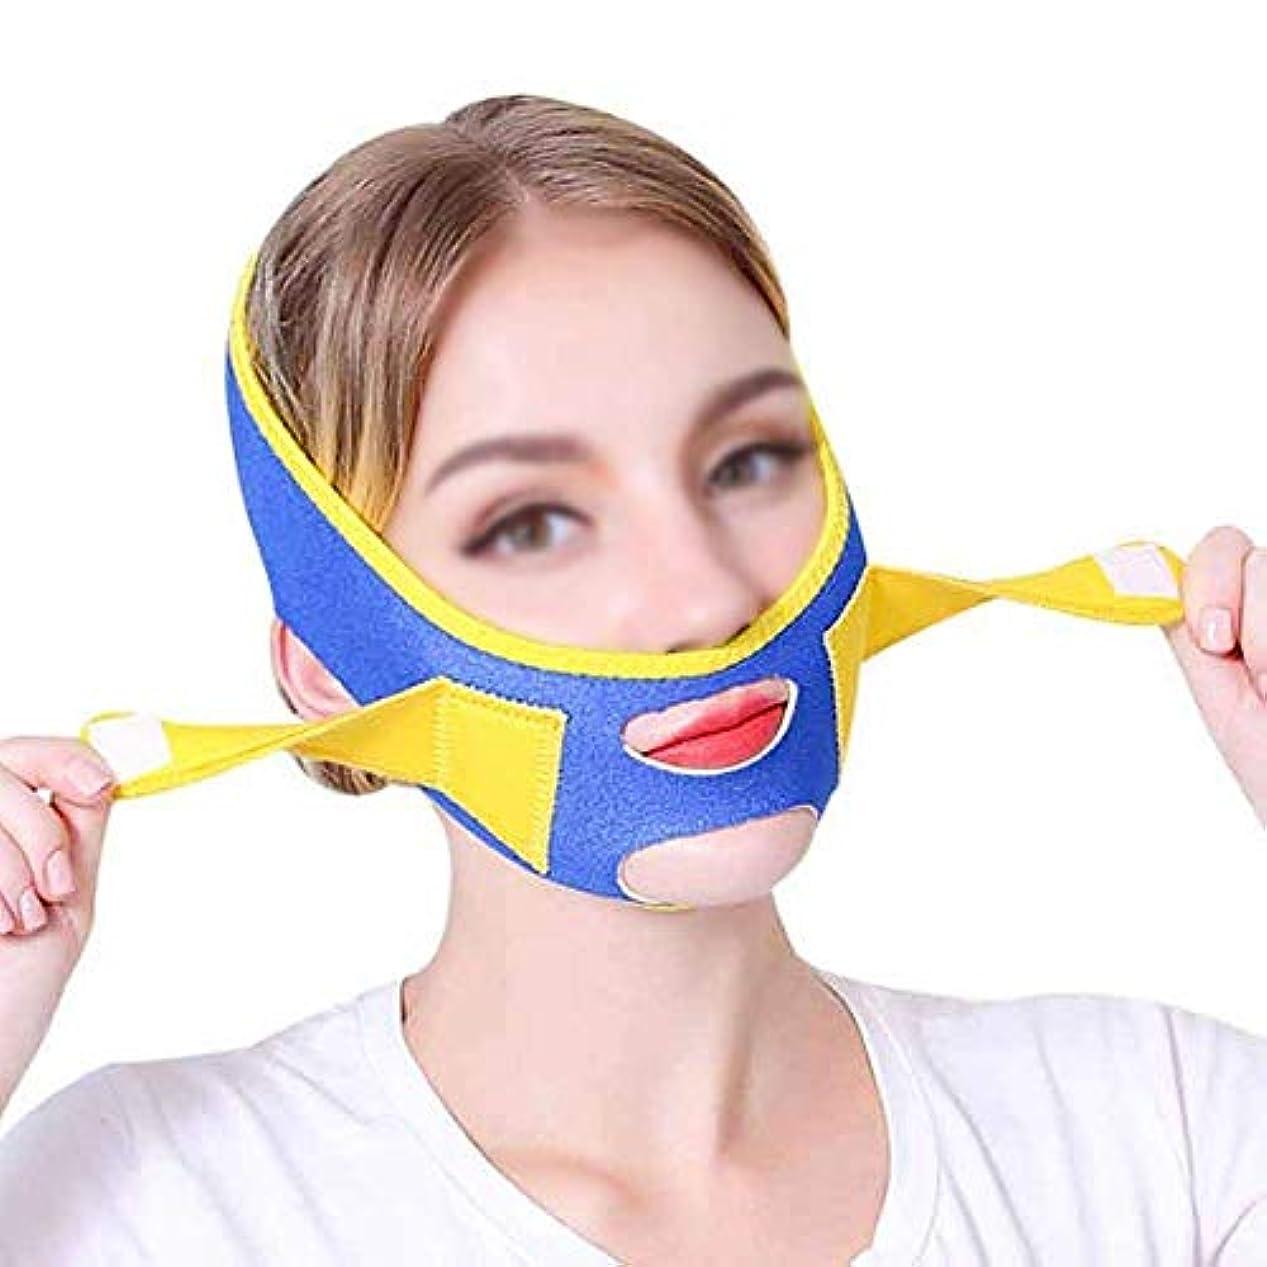 失うスキャンダラスフェイスリフトマスク、あごひも回復包帯薄いフェイスマスクVフェイスステッカーフェイスリフトステッカー韓国本物のリフティング引き締め引き締め成形薄いダブルチンフェイスリフト睡眠包帯アーティファクト